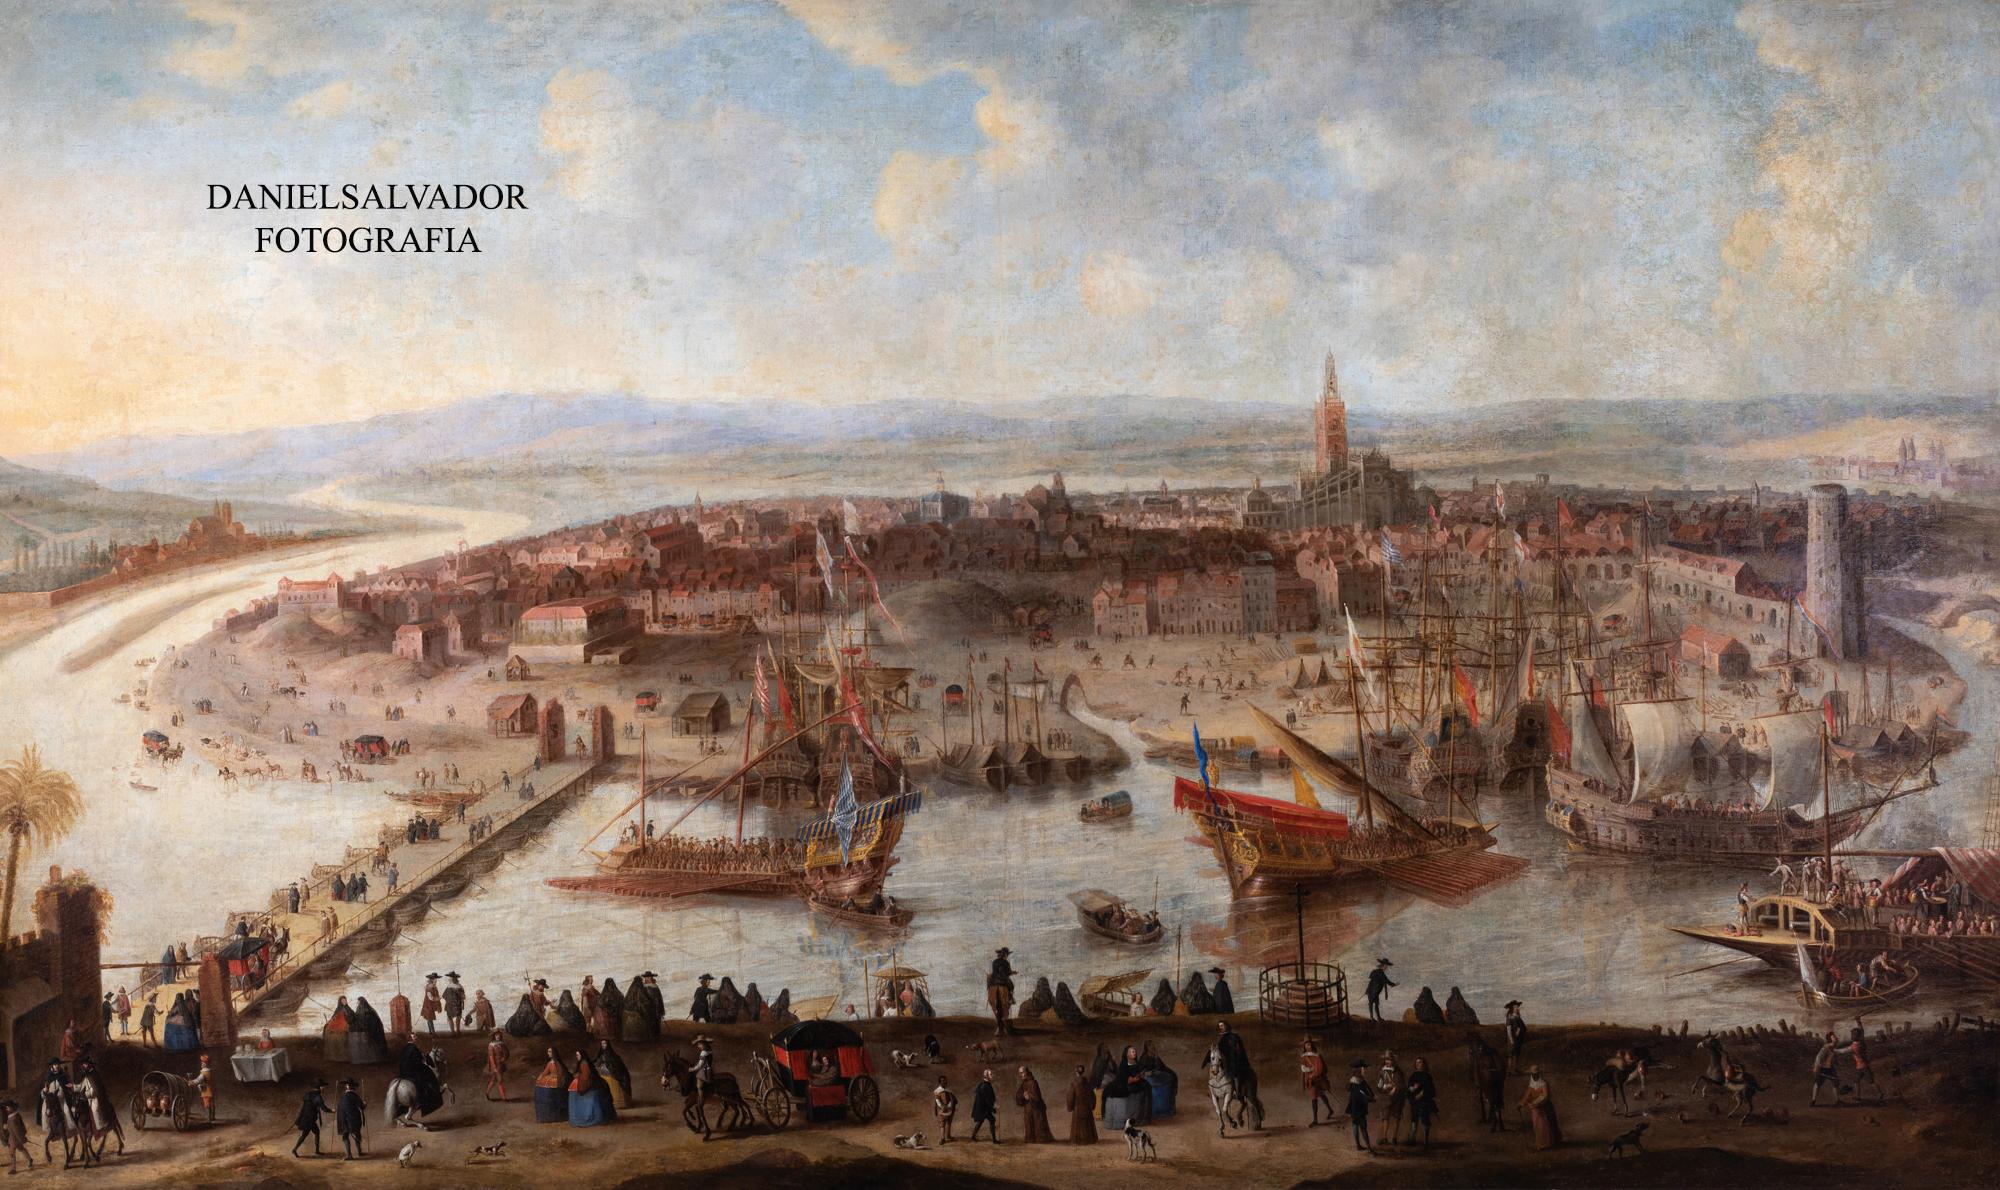 Vista de Sevilla. Anónimo. Hacia 1660. Fundación Focus.